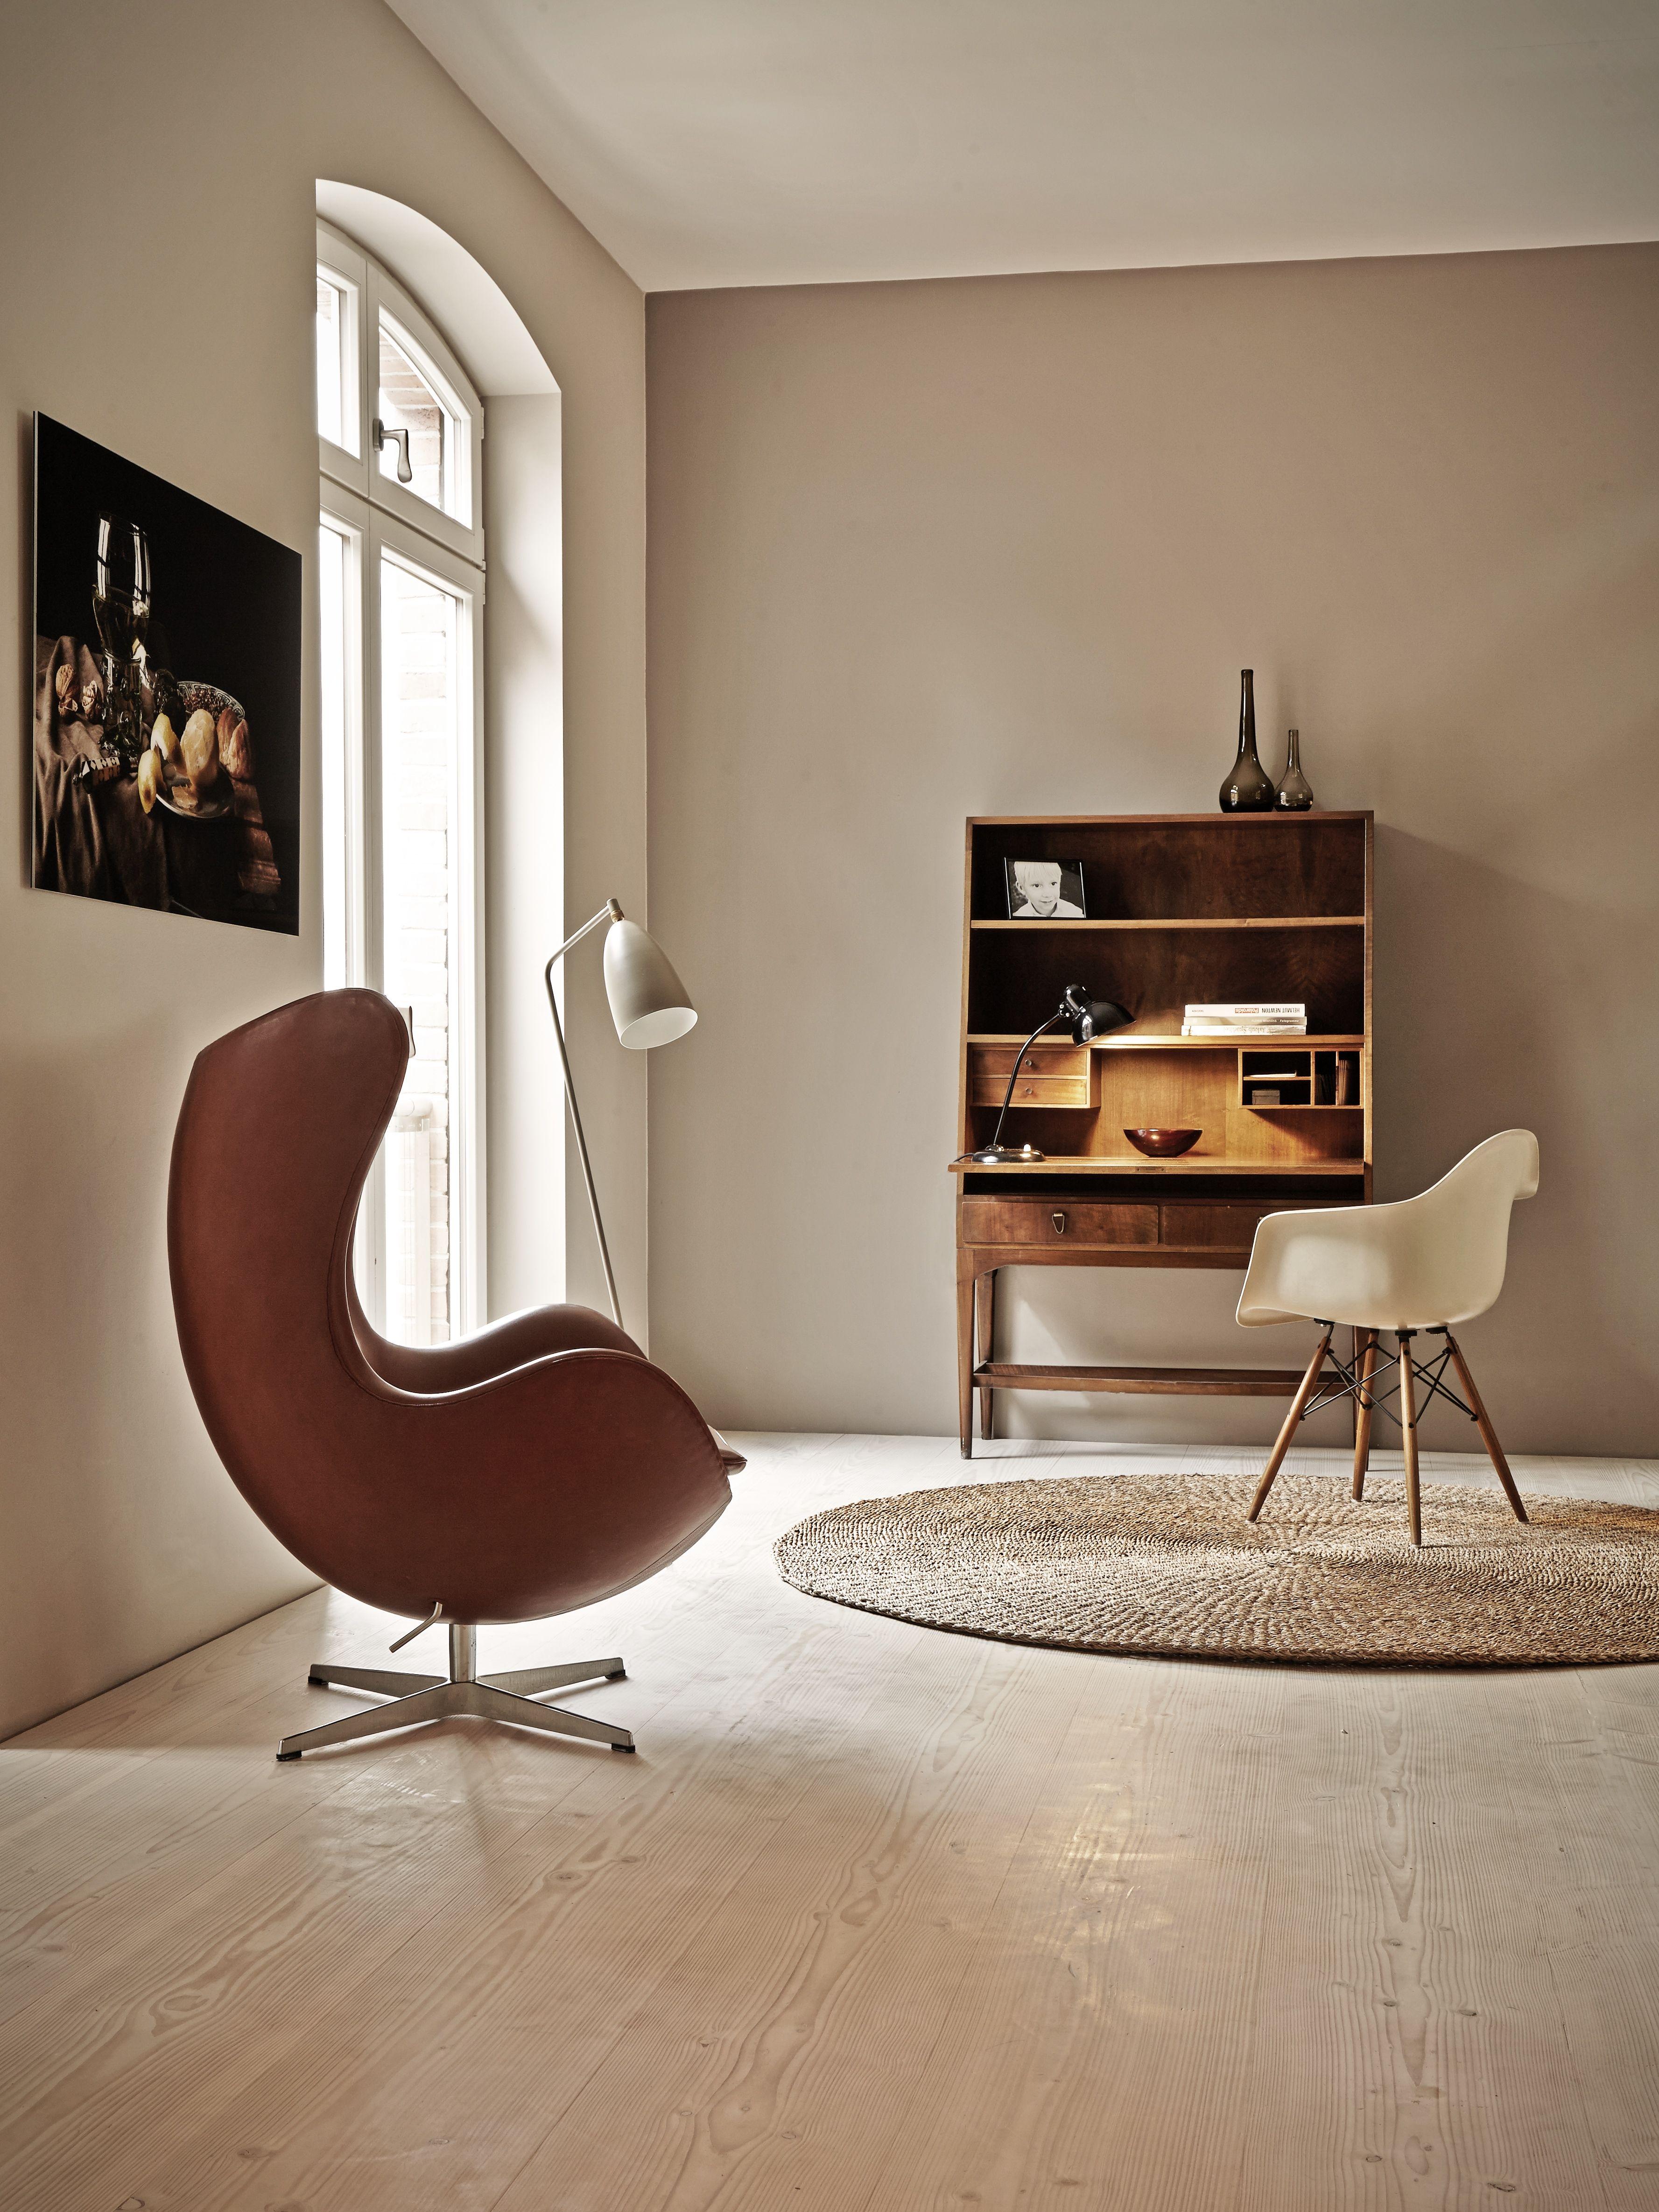 Home-office-design-ideen novono  nora von nordenskjoeld remise  ackerstrasseberlin  studio